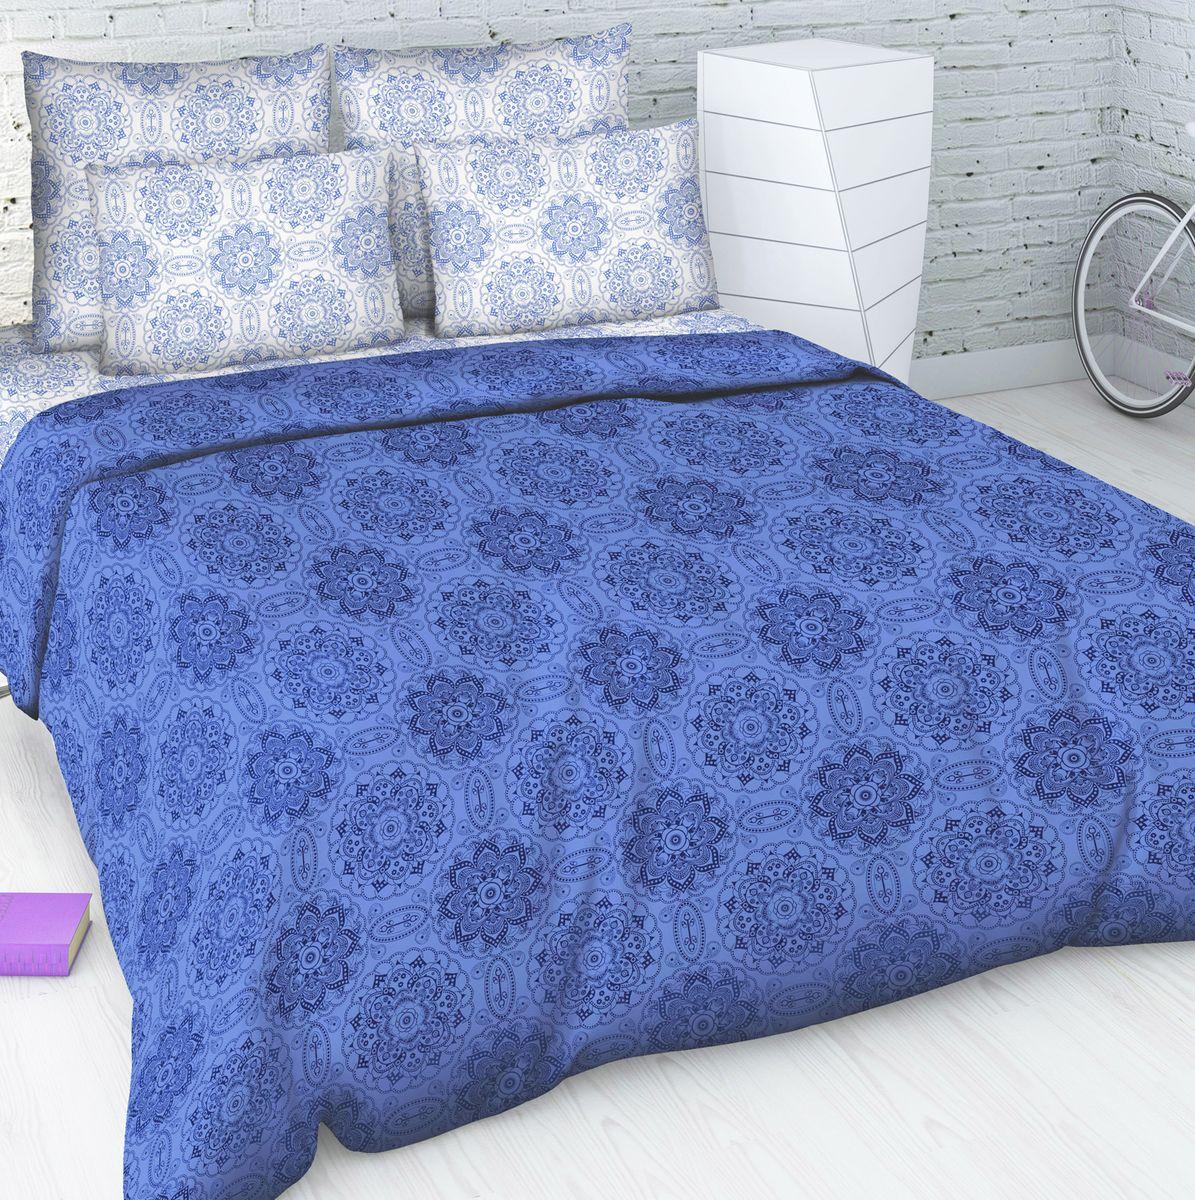 Комплект белья Василиса, 2-спальный, наволочки 70х70. 5061_1/25061_1/2Комплект постельного белья Василиса состоит из пододеяльника, простыни и двух наволочек. Белье производится из высококачественной бязи (100% хлопка). Использование особо тонкой пряжи делает ткань мягче на ощупь, обеспечивает легкое глажение и позволяет передать всю насыщенность цветовой гаммы. Благодаря более плотному переплетению нитей и использованию высококачественных импортных красителей постельное белье выдерживает до 70 стирок. Приобретая комплект постельного белья Василиса, вы можете быть уверены в том, что покупка доставит вам удовольствие и подарит максимальный комфорт.